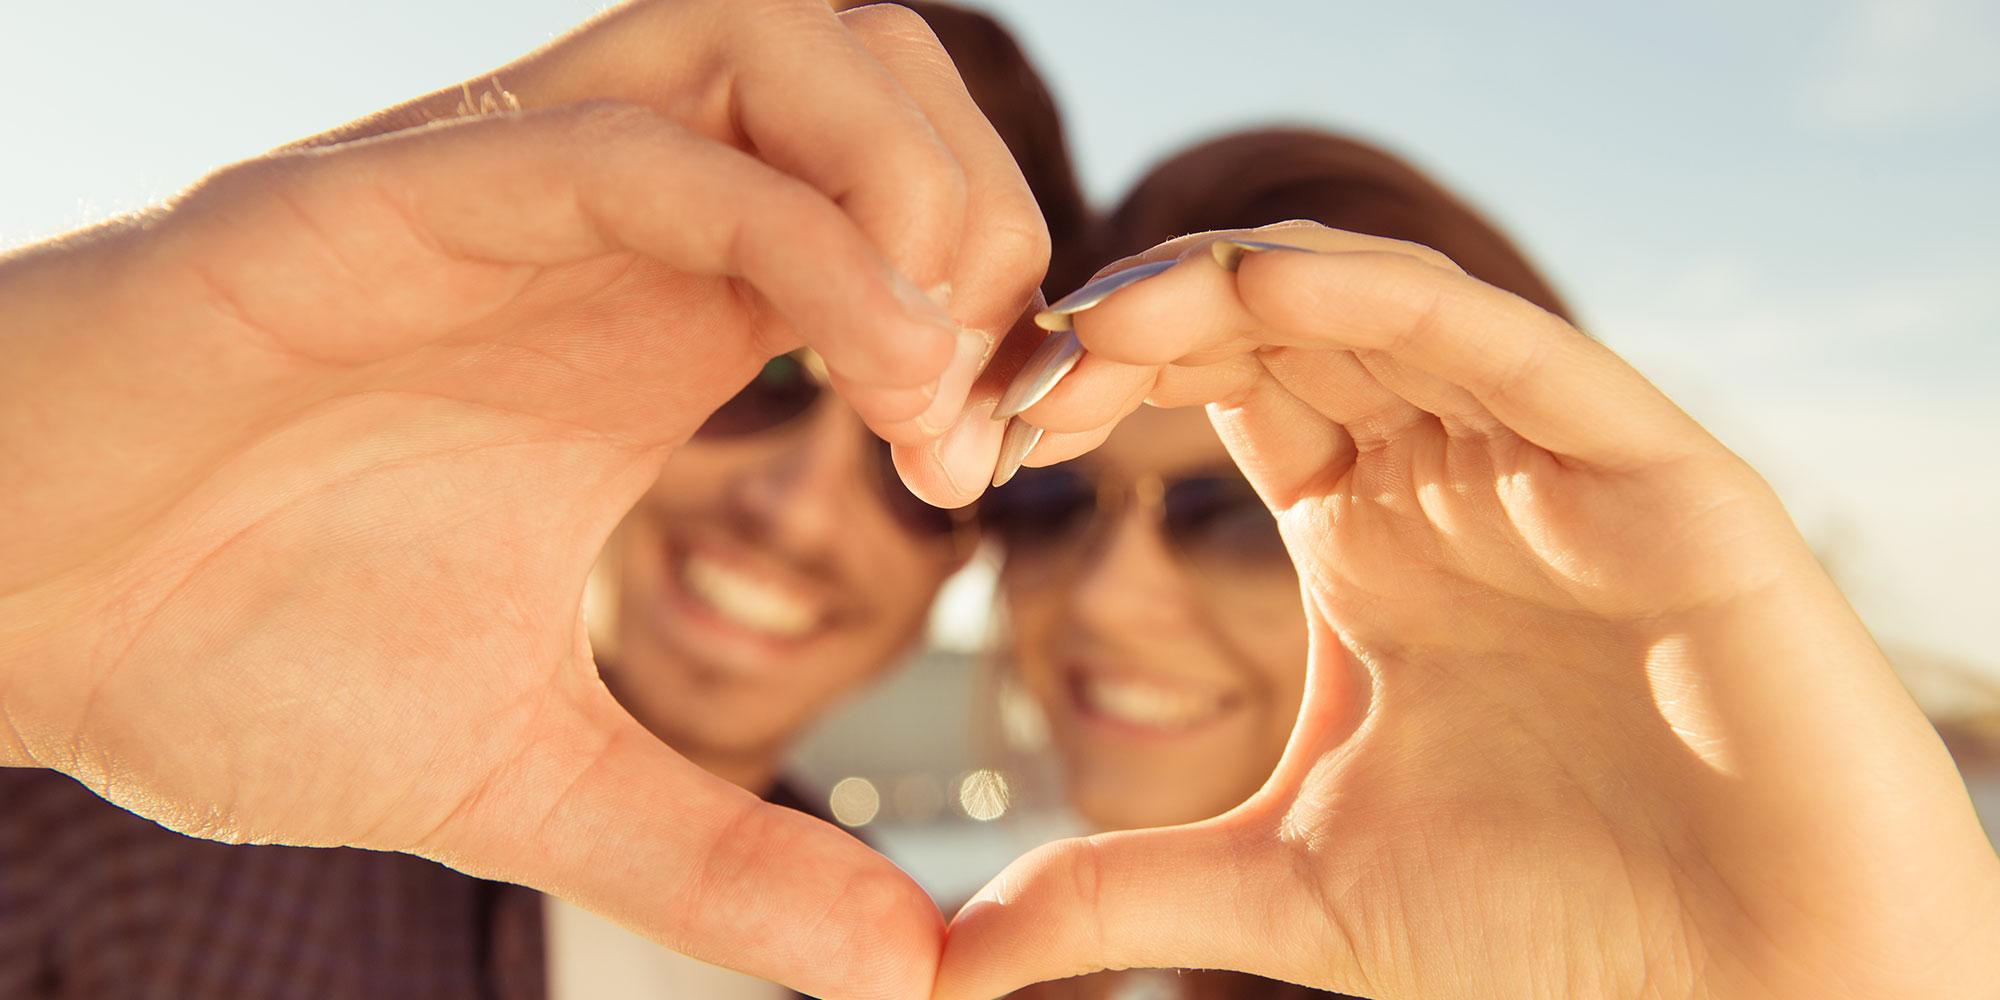 Choosing the Right Partner